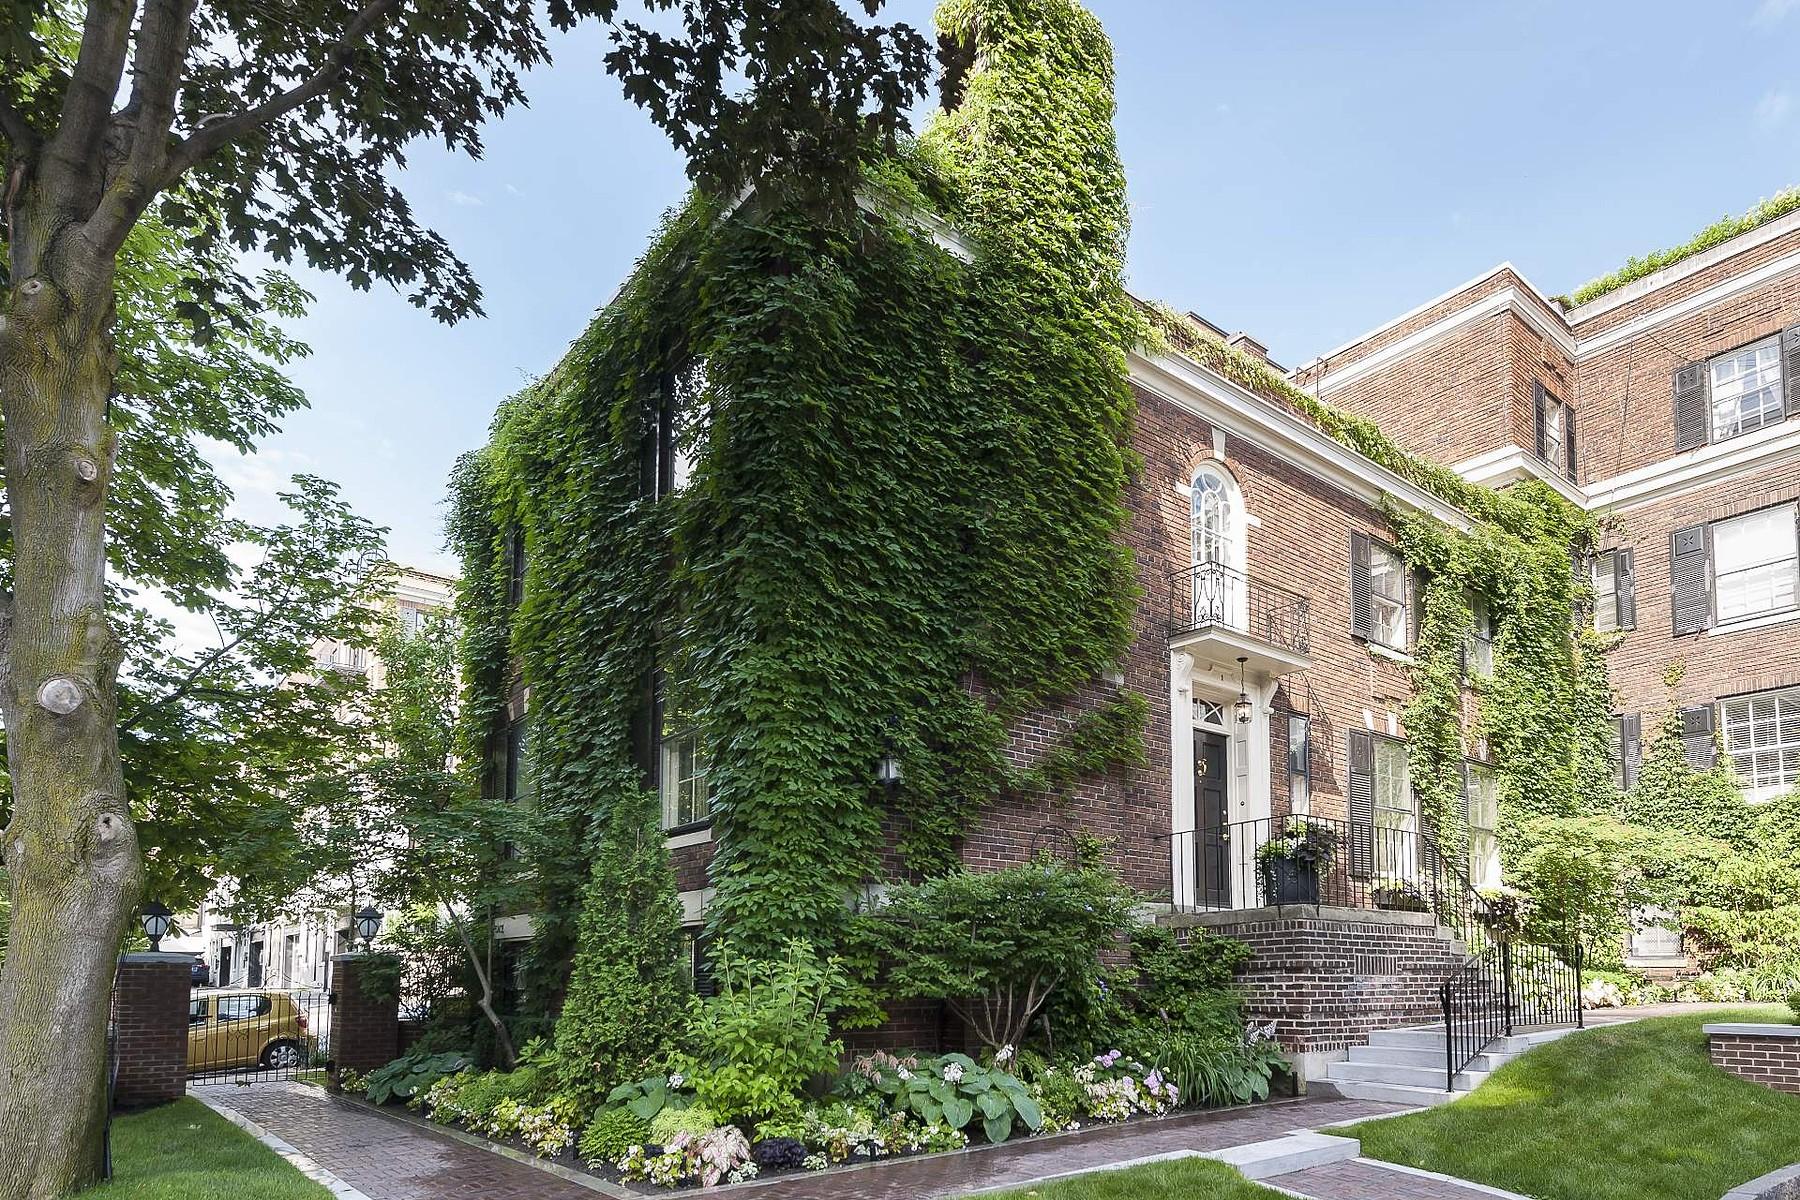 Single Family Home for Sale at Ville-Marie, Montréal 1 Place de Chelsea Ville-Marie, Quebec, H3G2J9 Canada